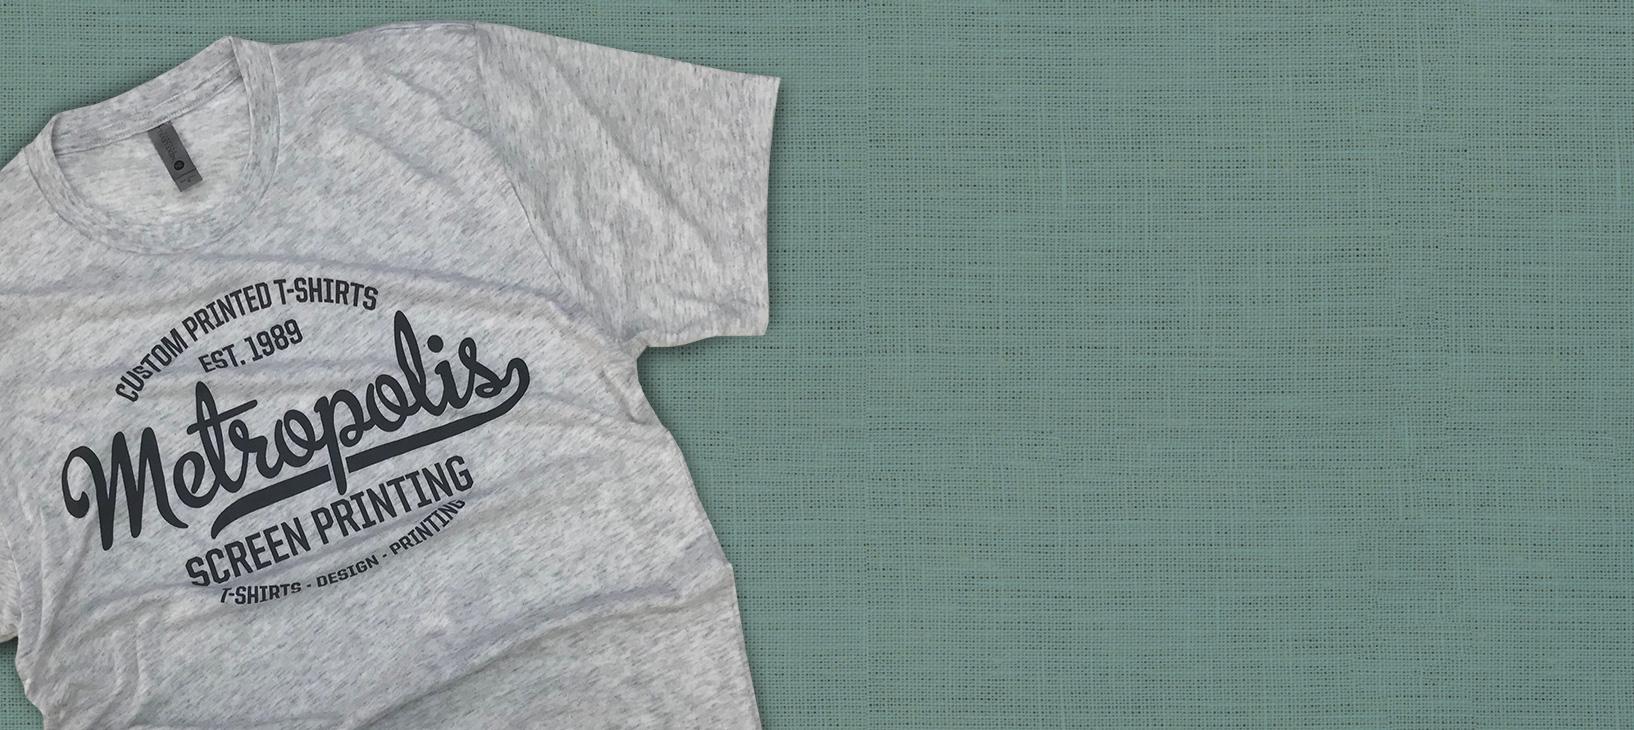 Metropolis Screen Printing T-shirt